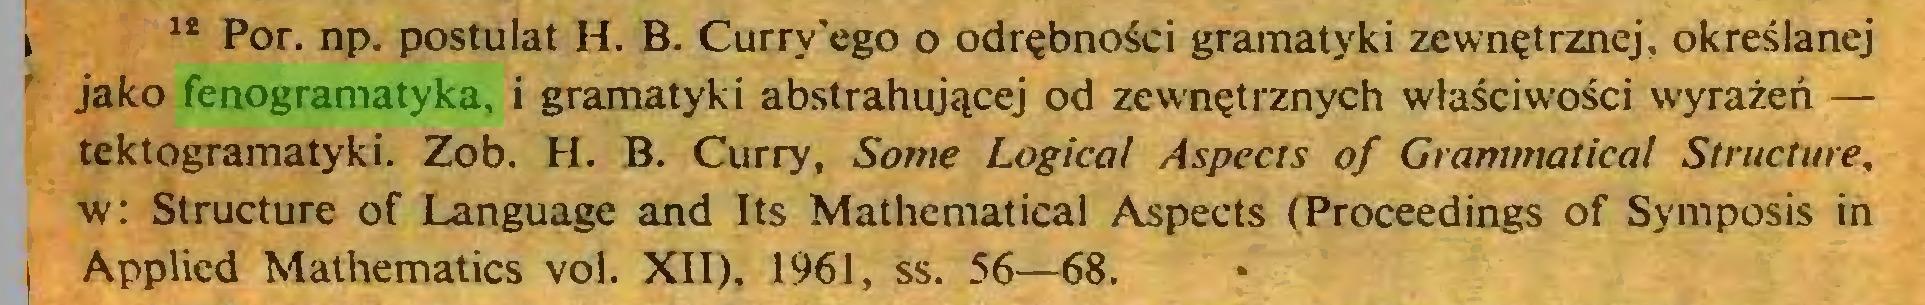 (...) i 13 Por. np. postulat H. B. Curry'ego o odrębności gramatyki zewnętrznej, określanej jako fenogramatyka, i gramatyki abstrahującej od zewnętrznych właściwości wyrażeń — tektogramatyki. Zob. H. B. Curry, Some Logical Aspects of Grammatical Structure, w: Structure of Language and Its Mathematical Aspects (Proceedings of Symposis in I Applied Mathematics vol. XII), 1961, ss. 56—68...